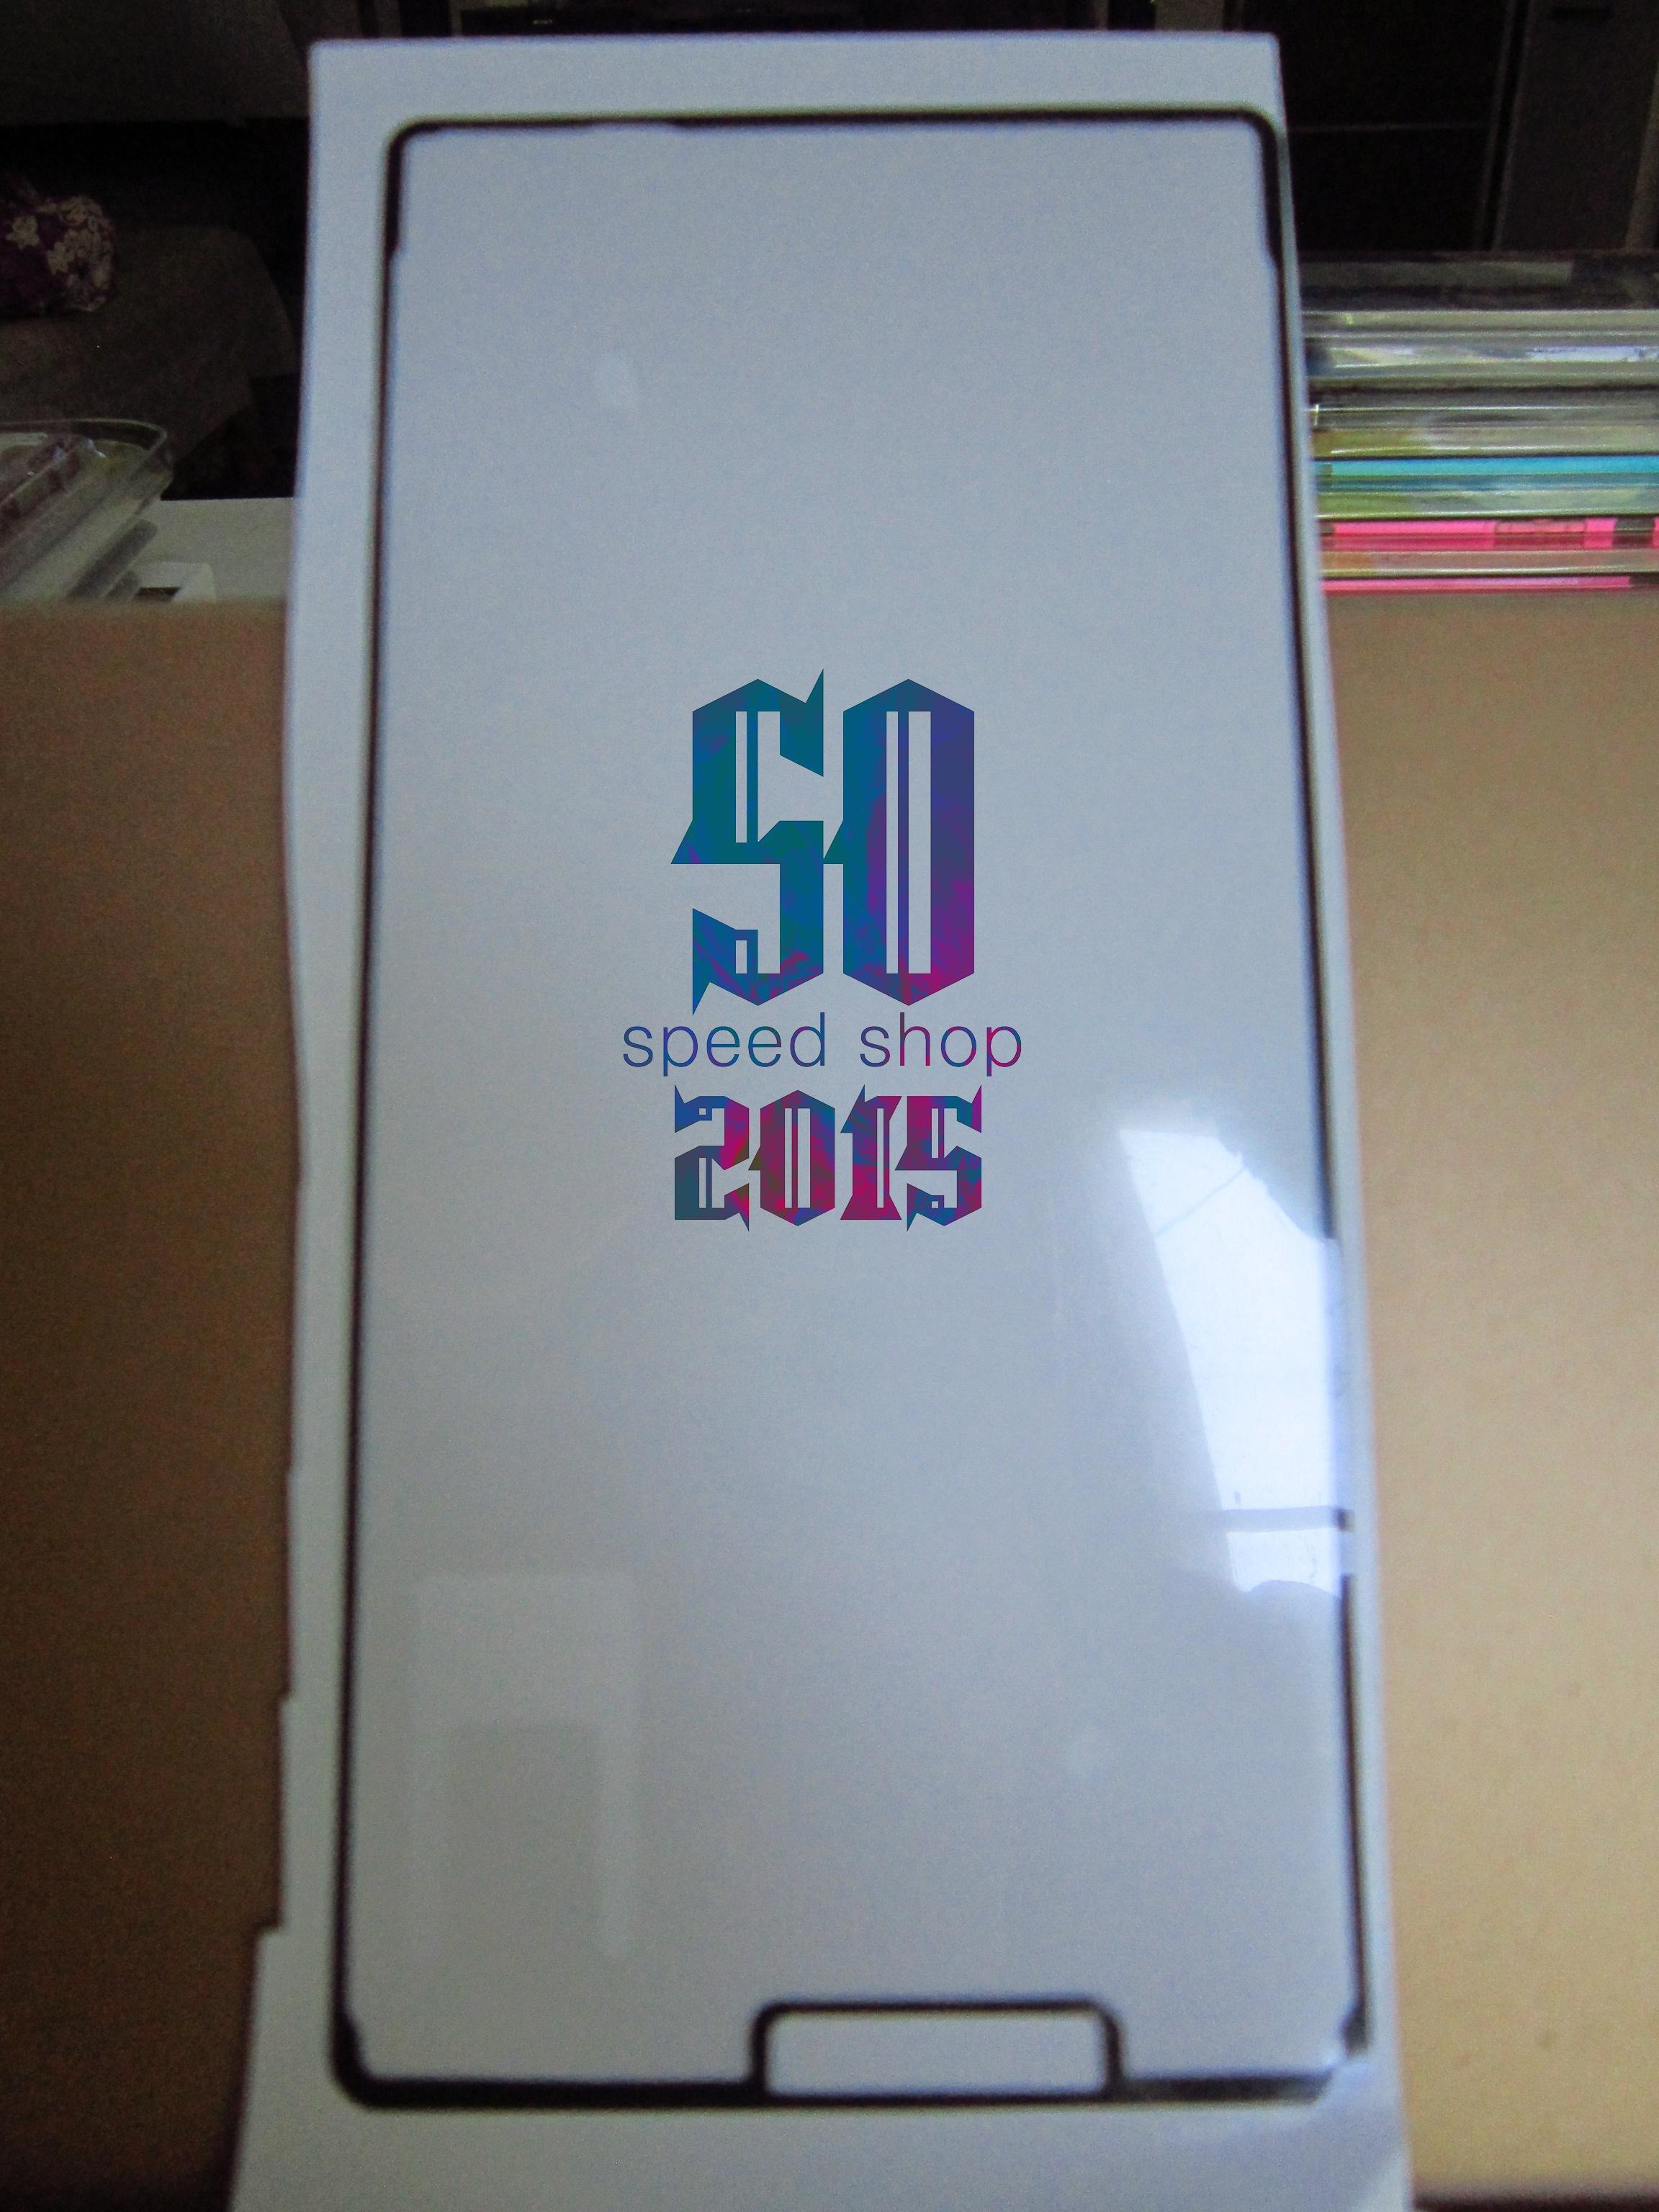 ซีลกันน้ำ 3M หน้าจอ Sony Xperia Z3